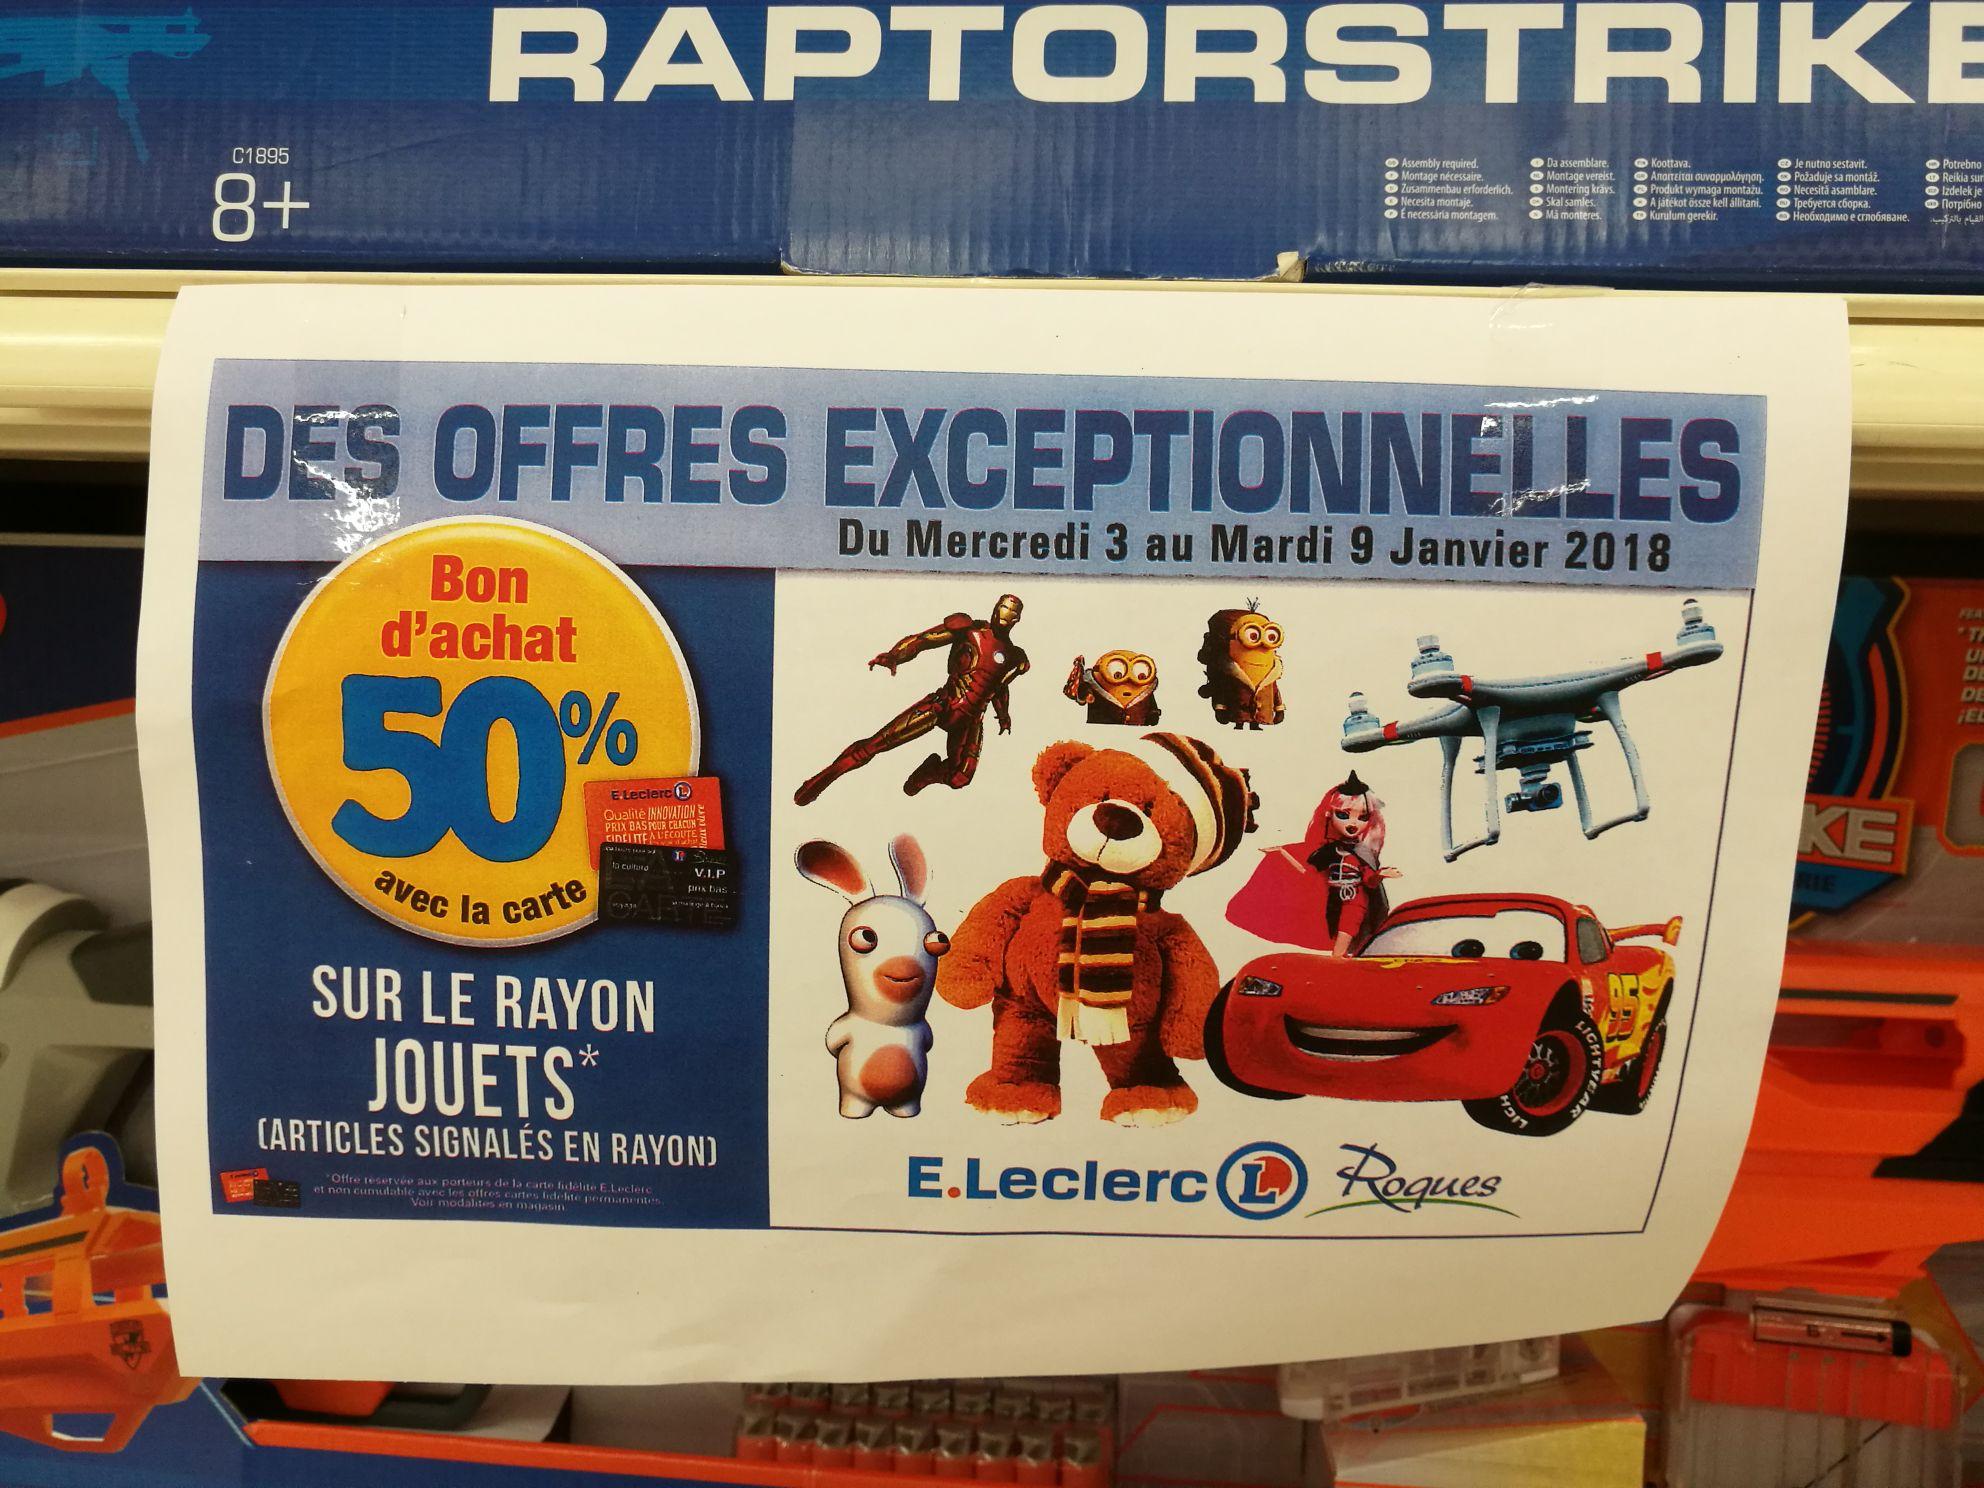 50% offerts en bon d'achat sur une sélection de jouets - Roques sur Garonne (31)